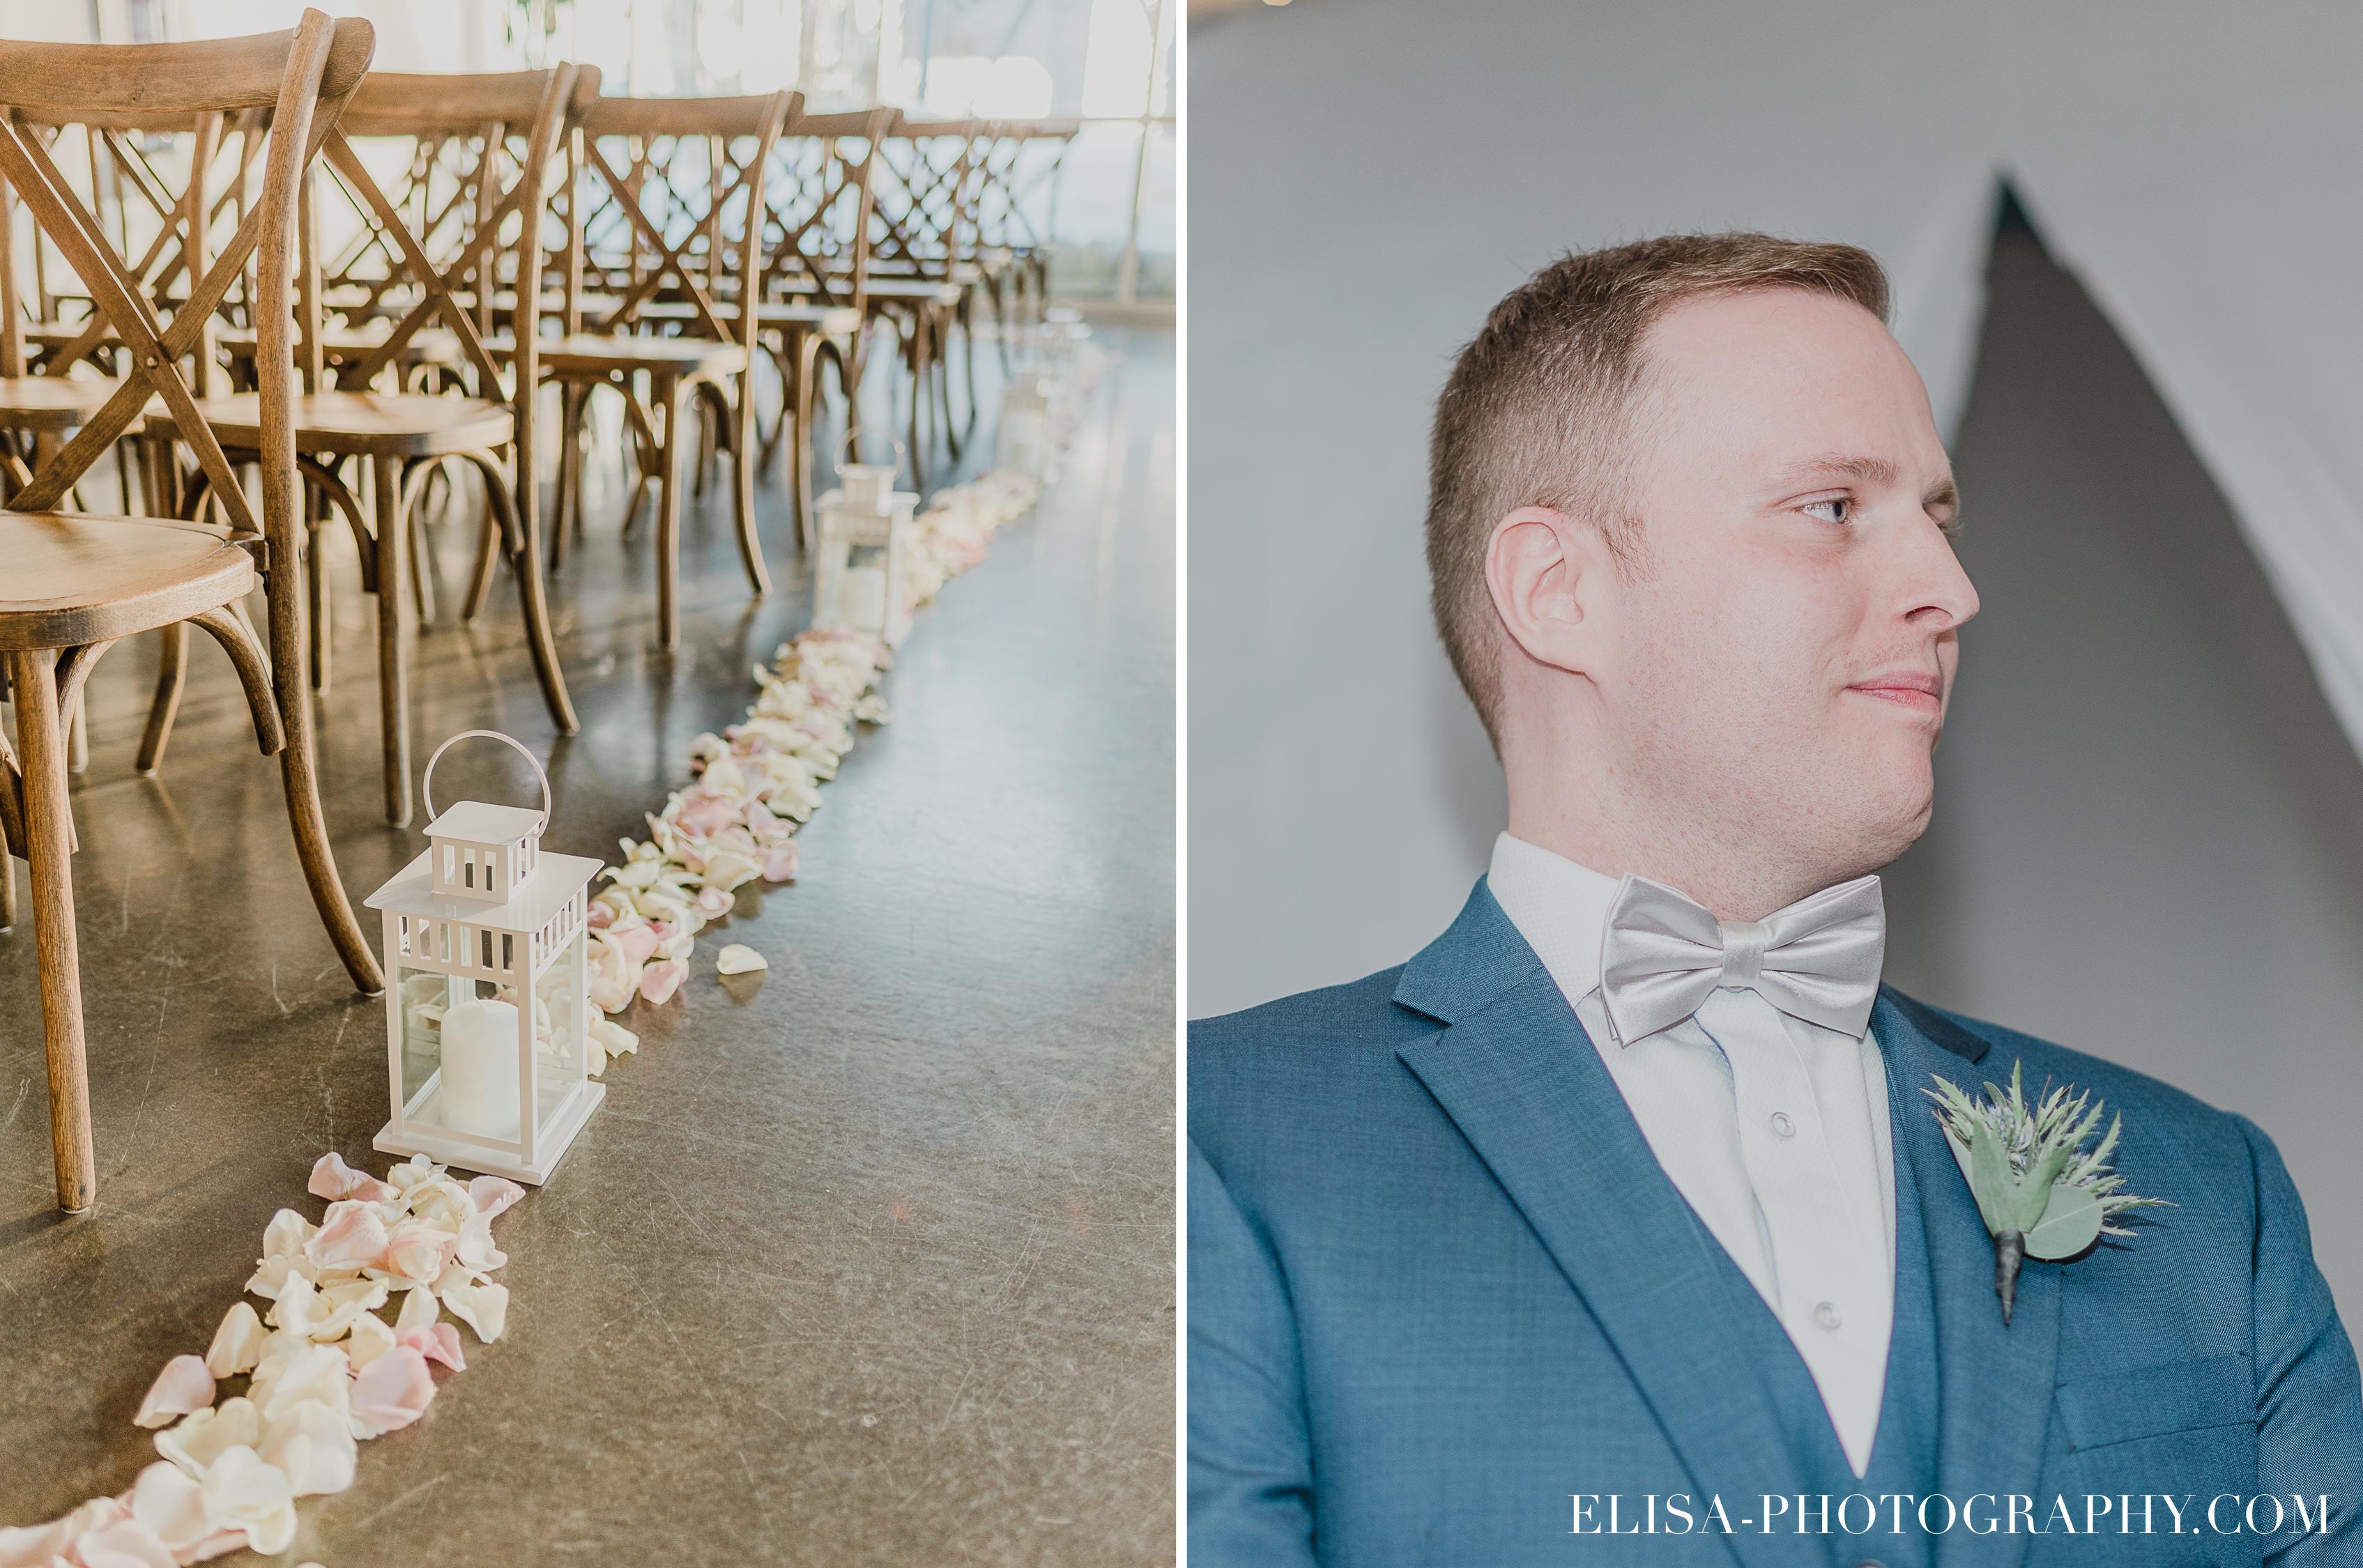 photo mariage quai cap blanc port de quebec ceremonie allee petales rose lanternes - Un chaleureux mariage hivernal à la salle du Quai du Cap Blanc, Québec